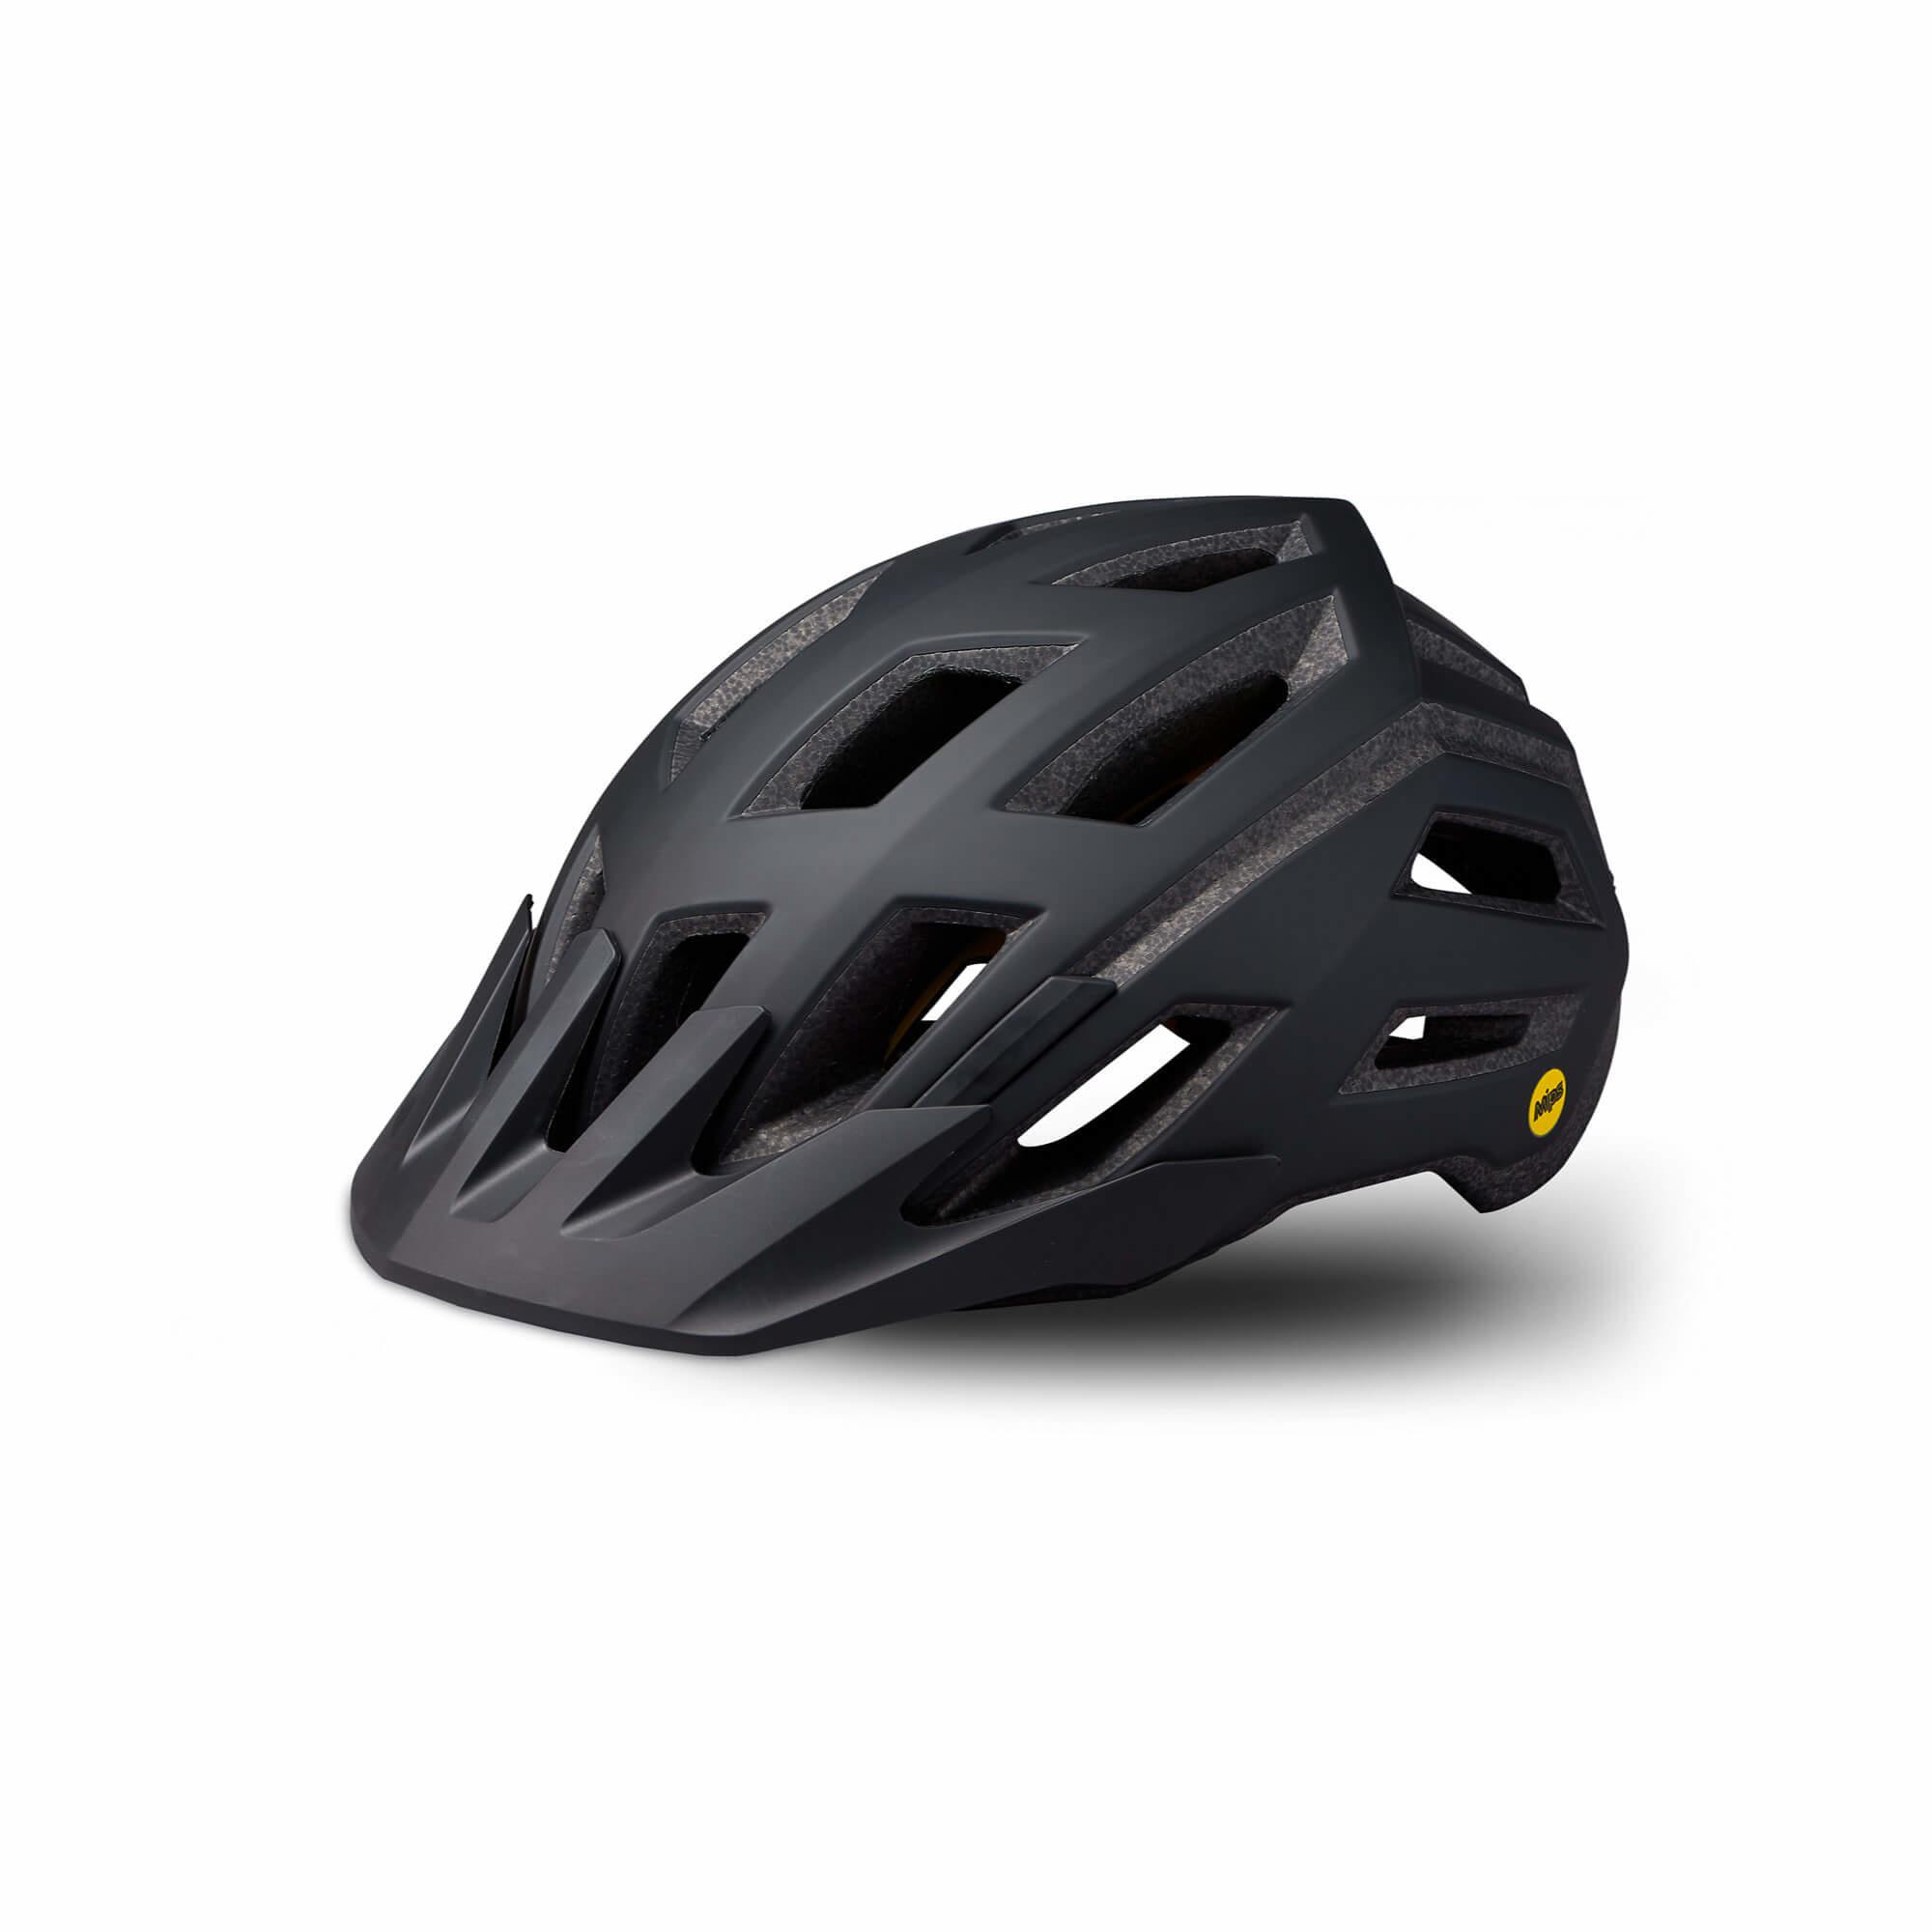 Tactic 3 Helmet Mips-1